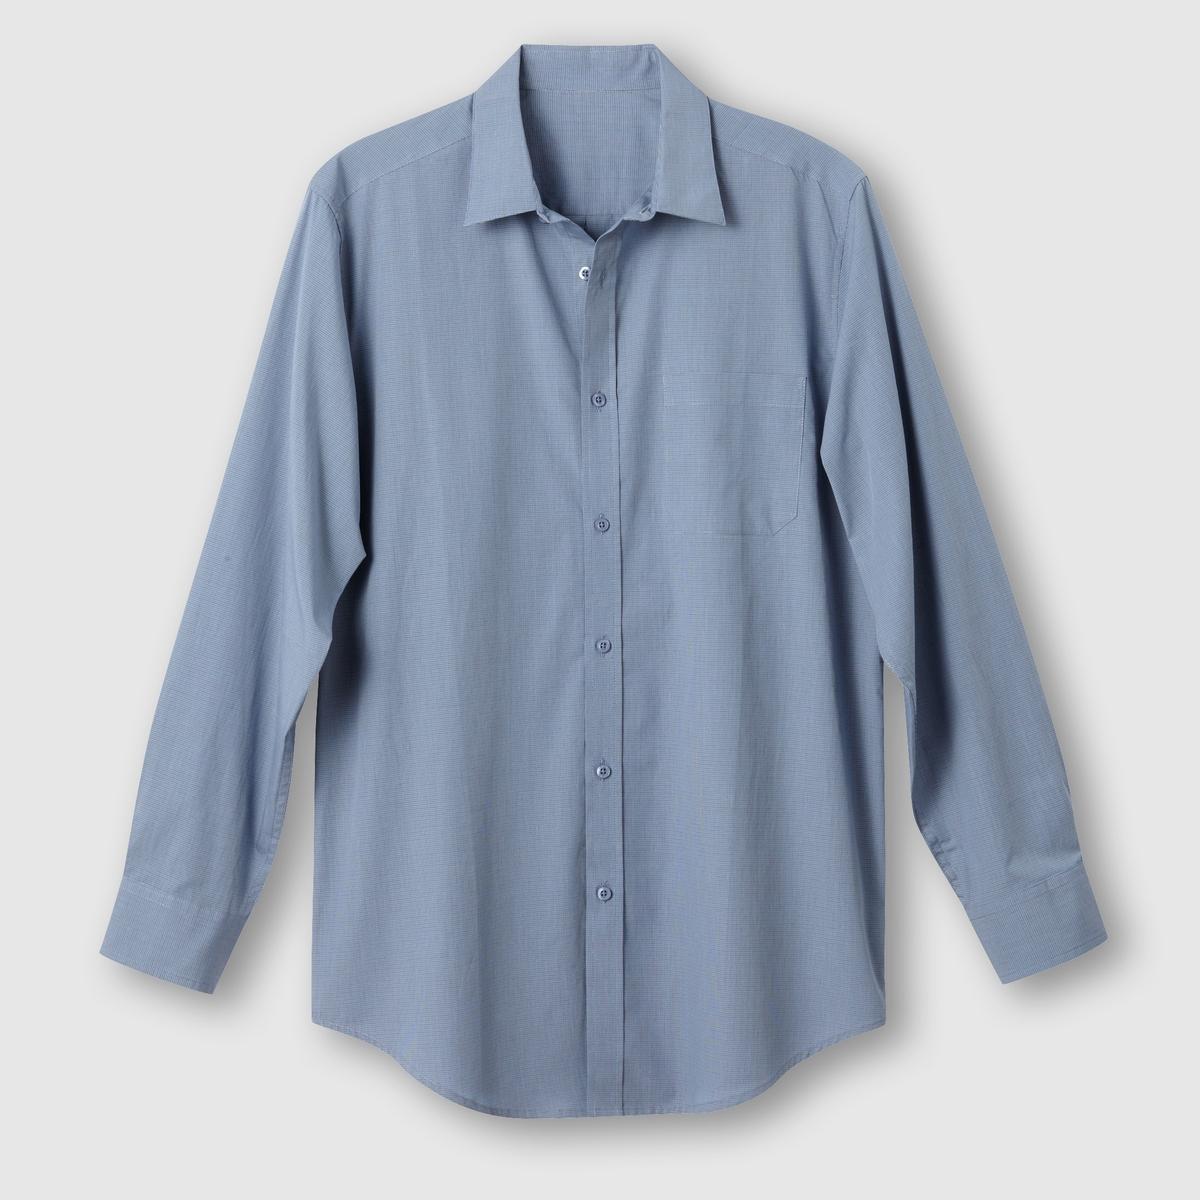 Camisa em popelina, estatura 2 (entre 1m76 e 1m87)